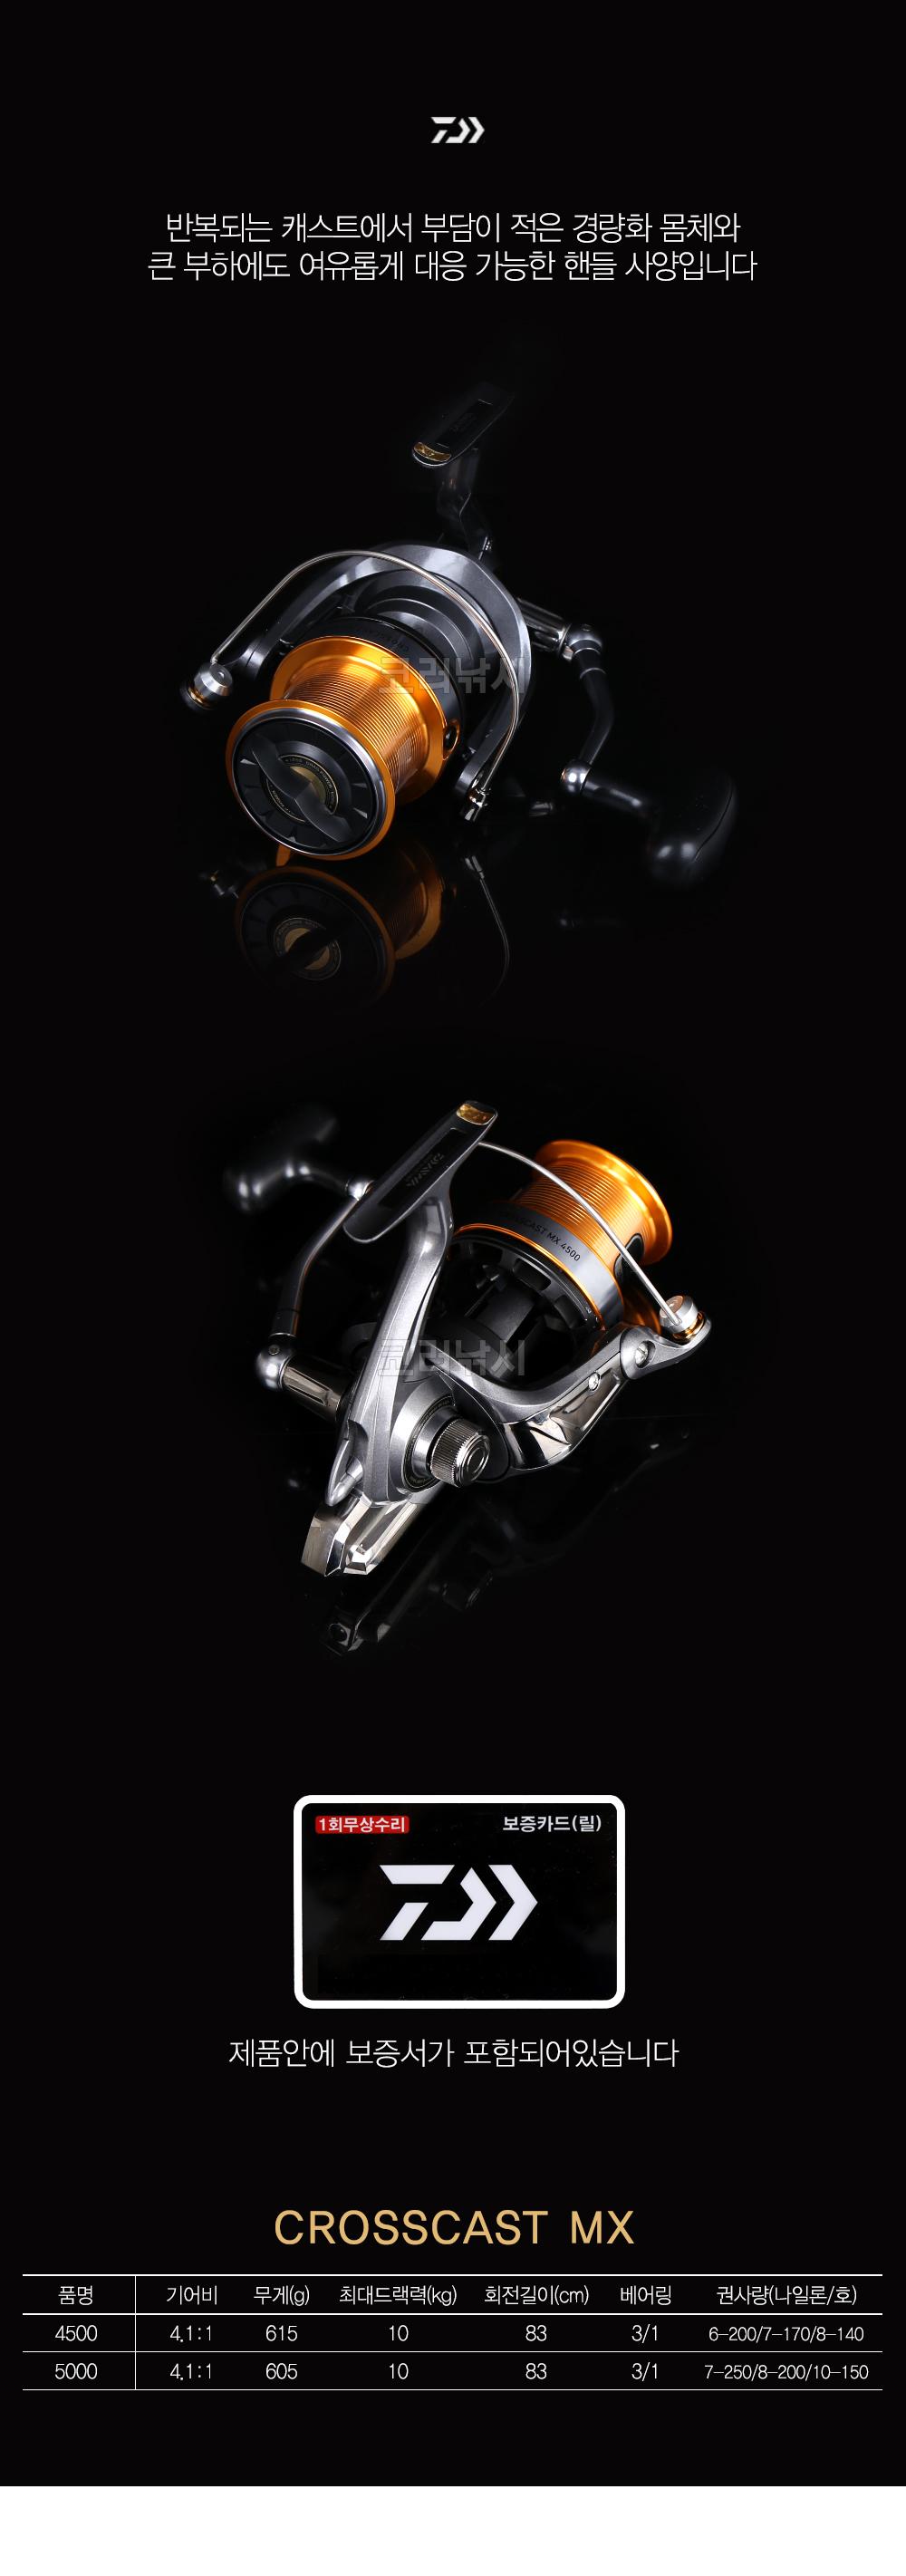 다이와 신형 크로스캐스트 MX (18) (보조스플포함)[한국다이와정품] 다이와 신형 크로스캐스트 MX 크로캐스터 크로스캐스터 원투 원투릴 원투낚시 다이와릴 다이와크로스캐스트 훌치기